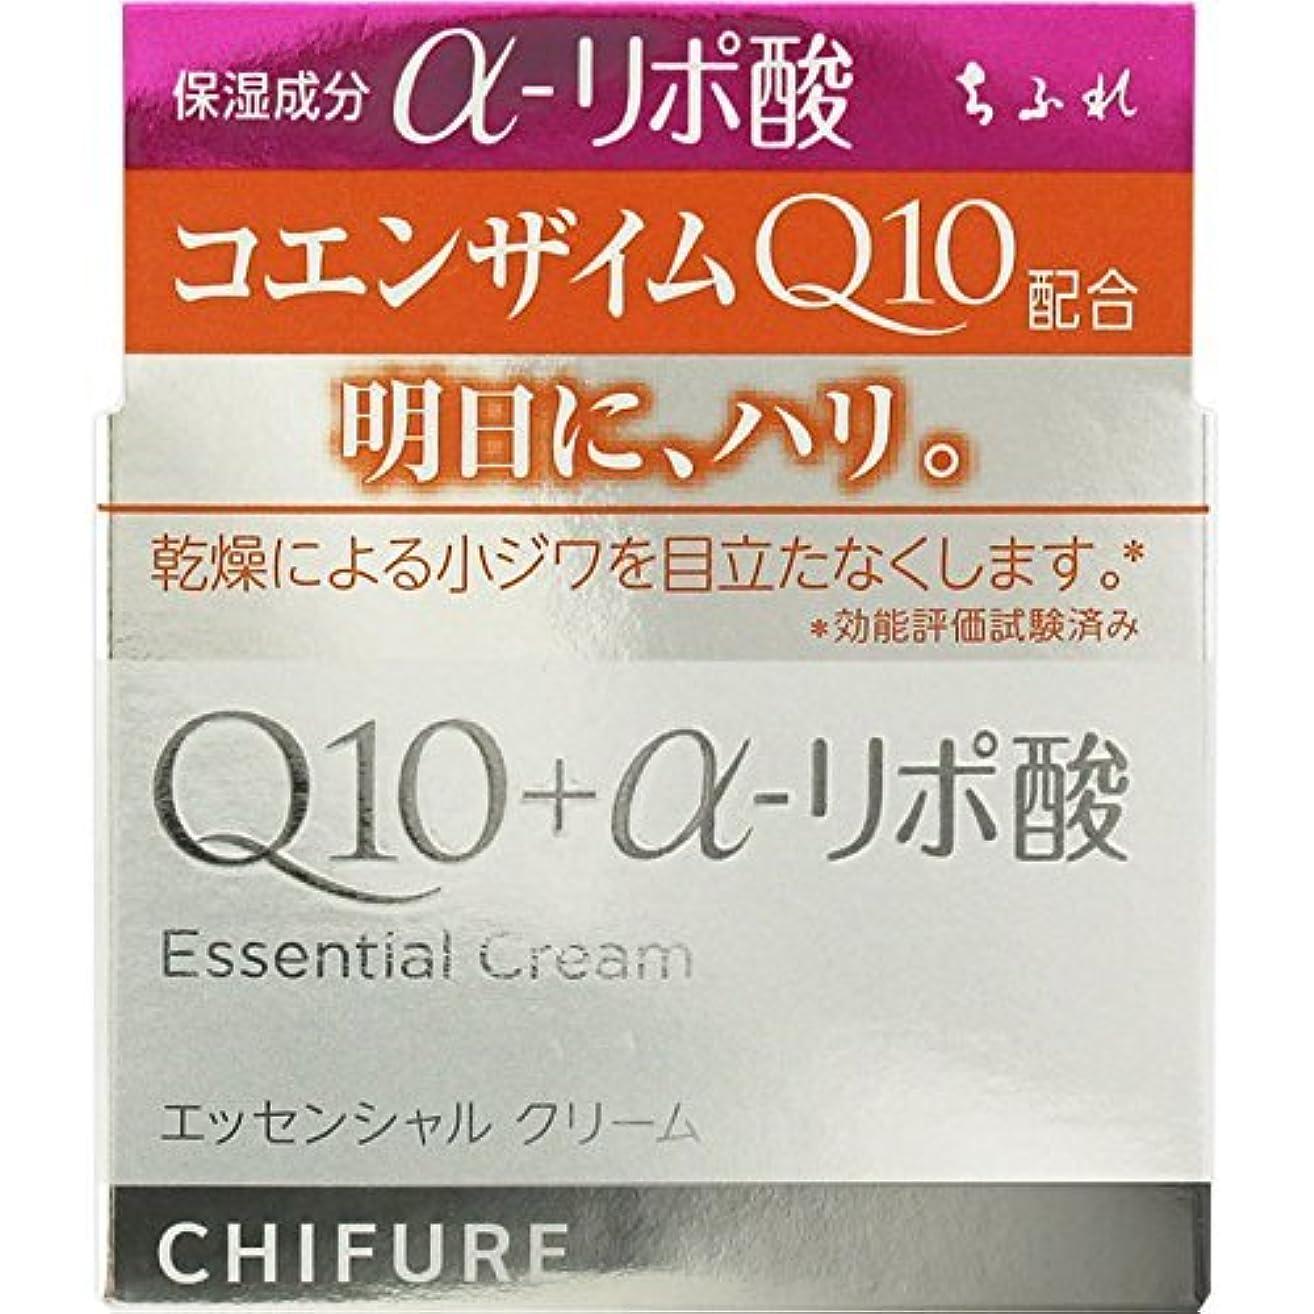 尽きる説明する結び目ちふれ化粧品 エッセンシャルクリーム N 30g 30G